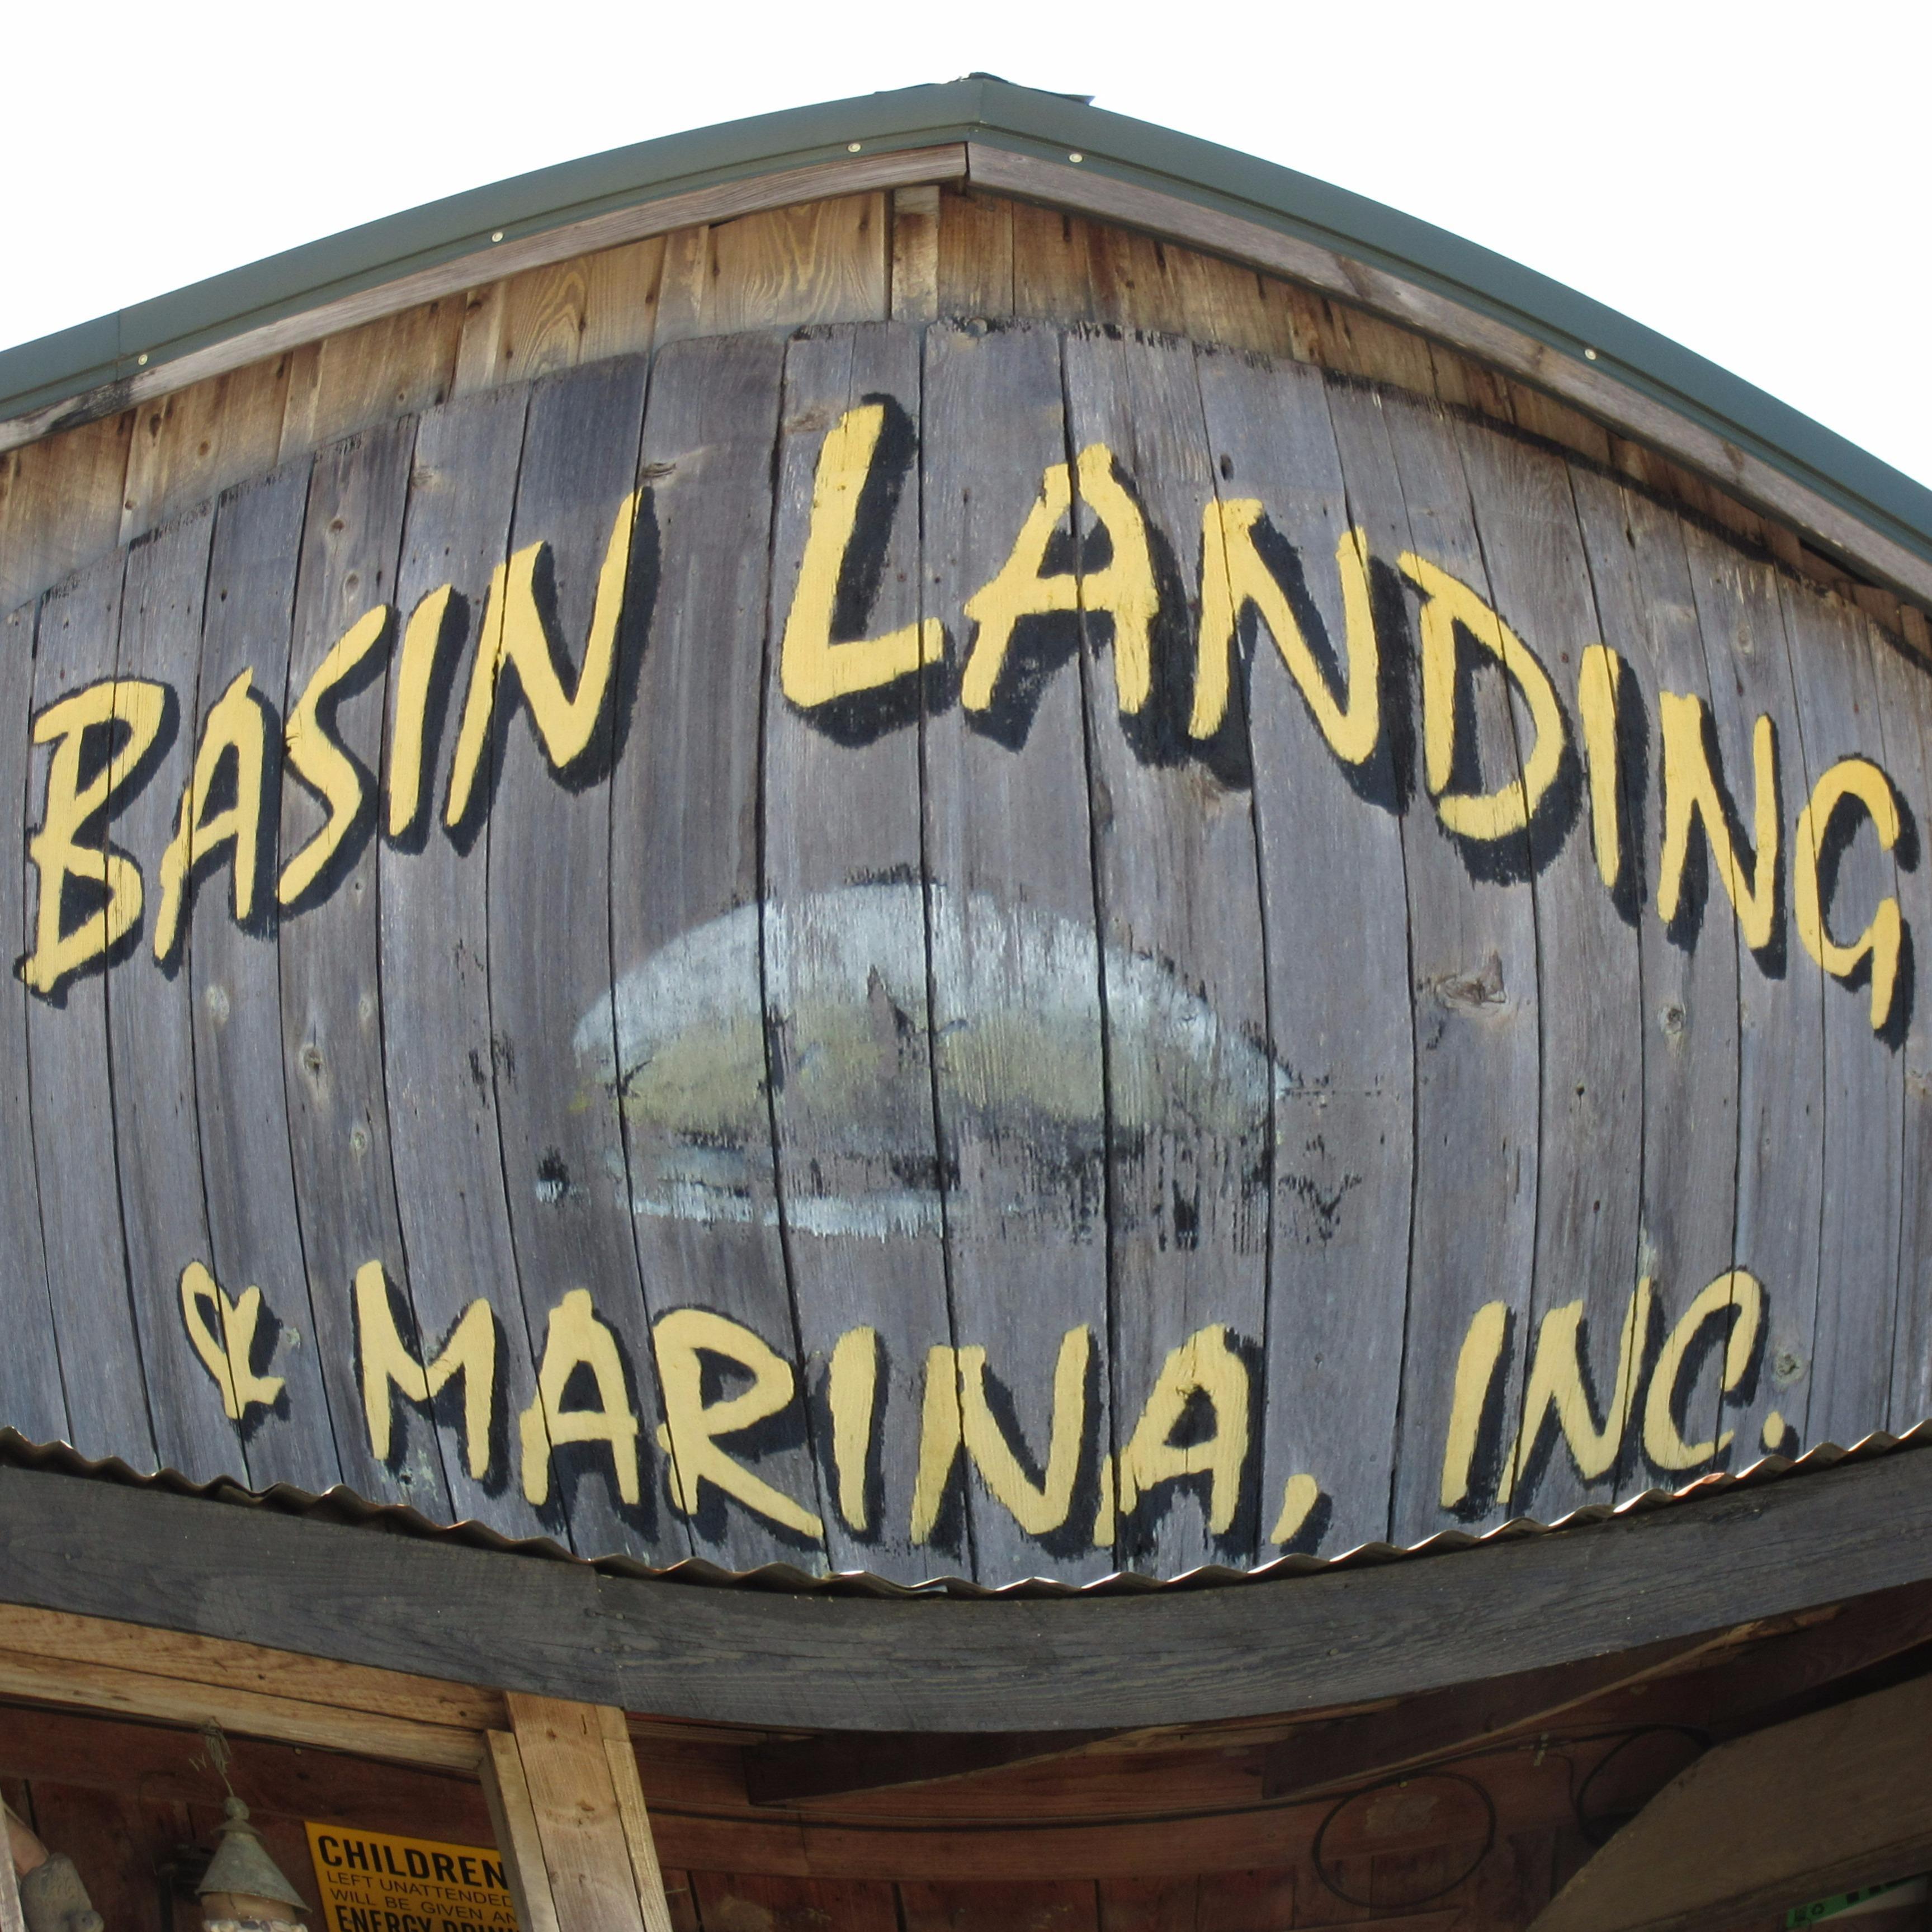 Atchafalaya Basin Landing & Swamp Tours - Henderson, LA - Cruises & Tours